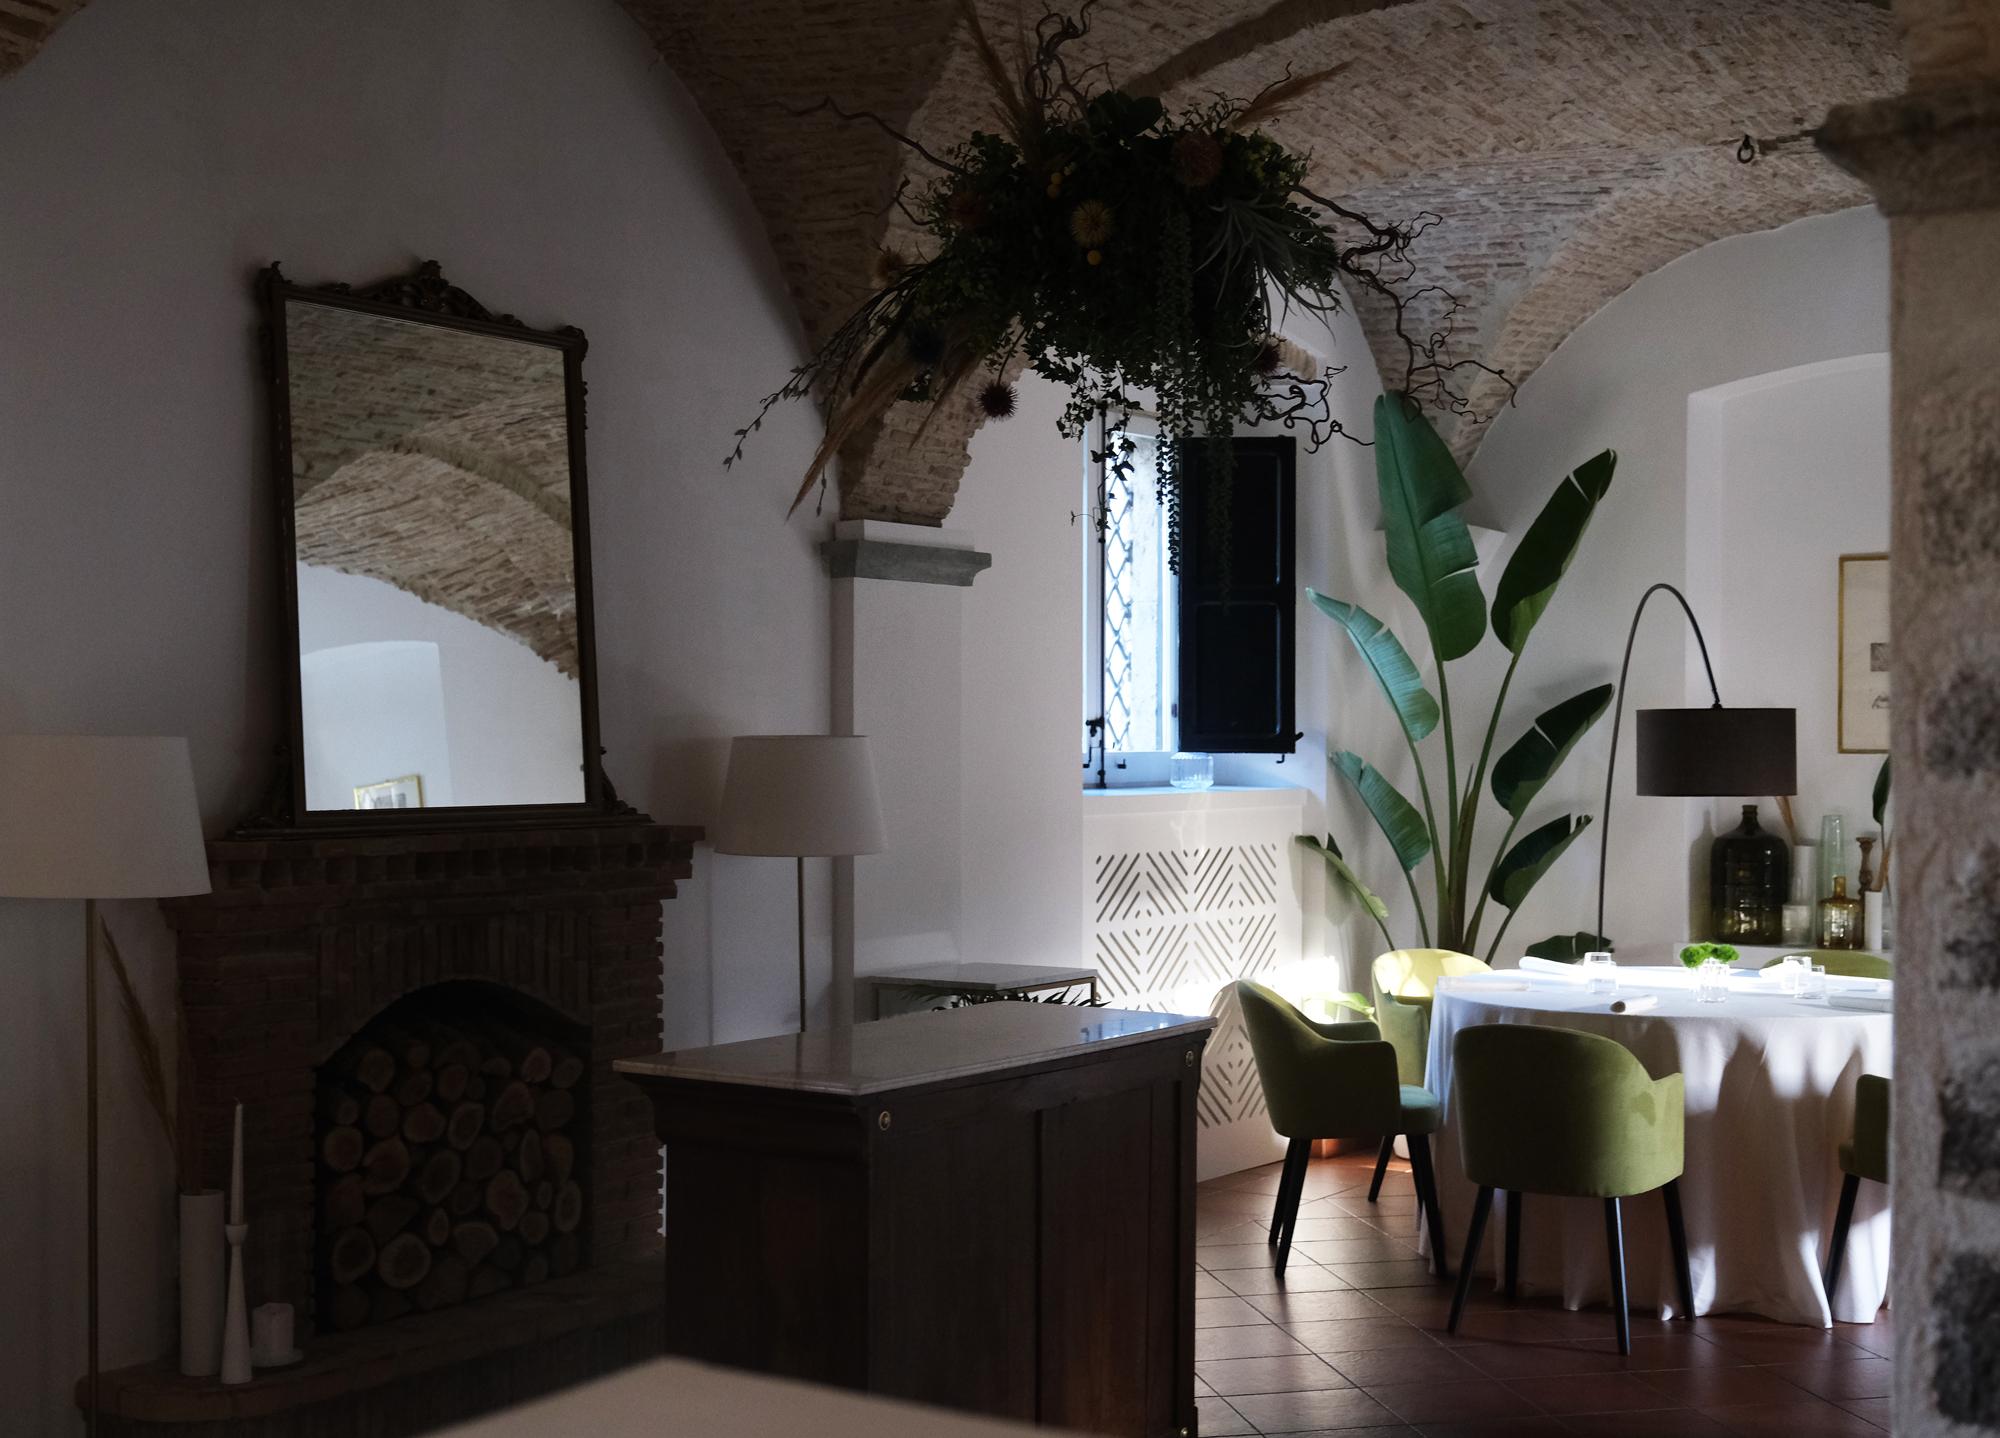 Qafiz restaurant in Calabria, Italy